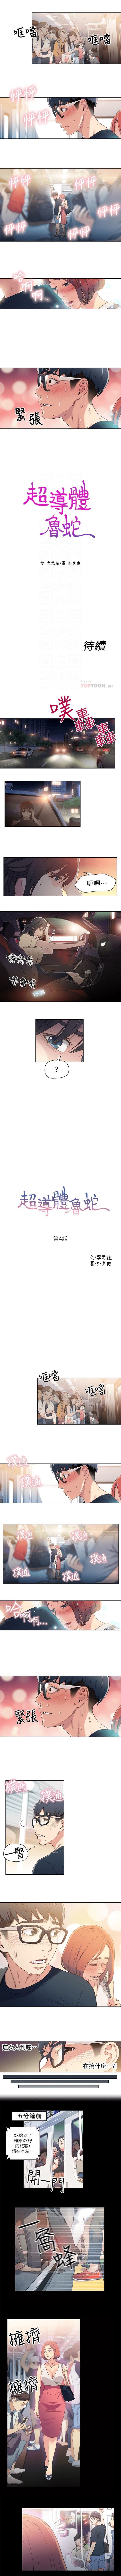 (周7)超导体鲁蛇(超级吸引力) 1-17 中文翻译(更新中) 14